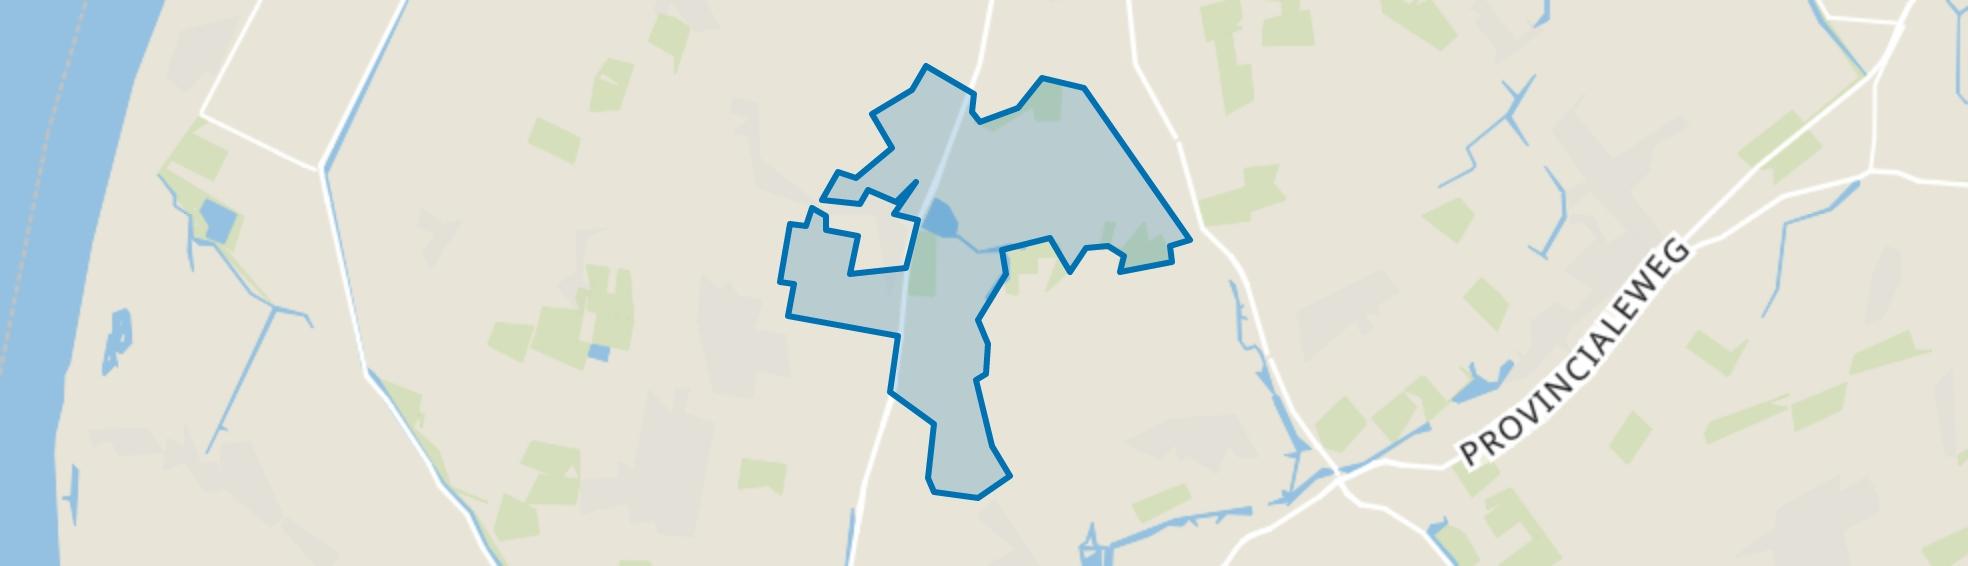 Buitengebied Dirkshorn, Dirkshorn map